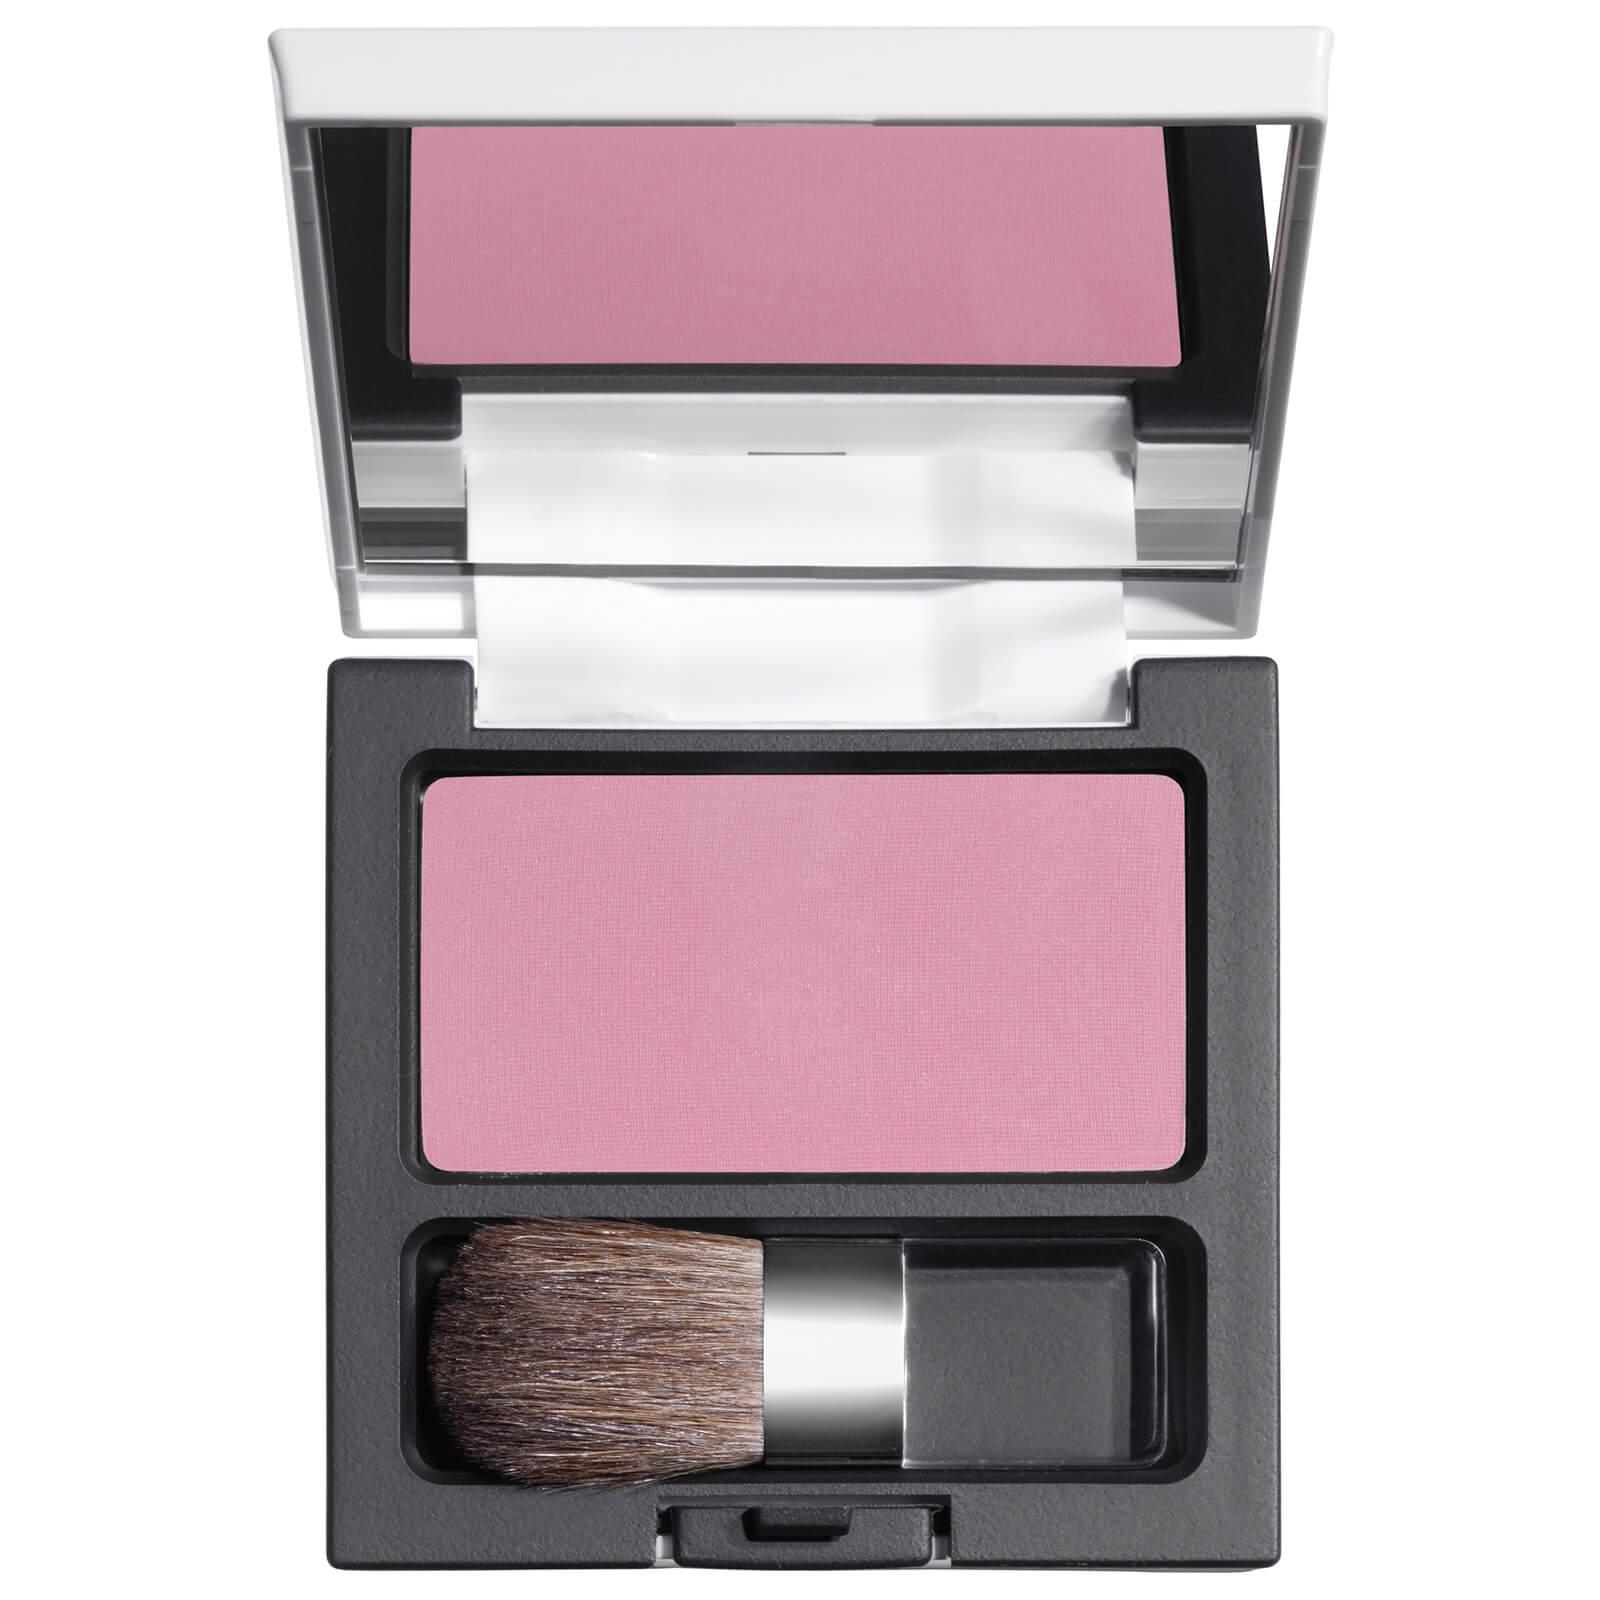 Купить Стойкие рассыпчатые румяна diego dalla palma Powder Blush 5 г (различные оттенки) - Satin Pink